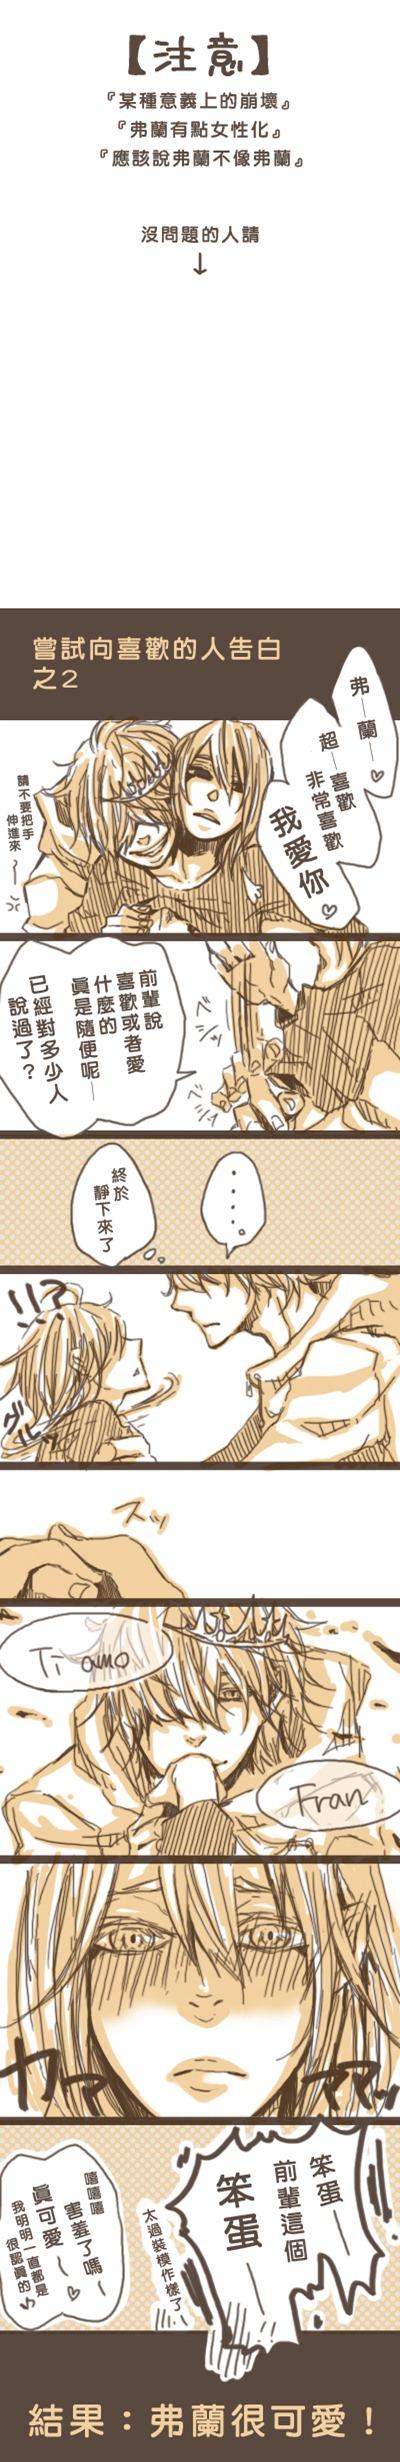 【腐注意】ベルフラで漫画もどき2(CN)